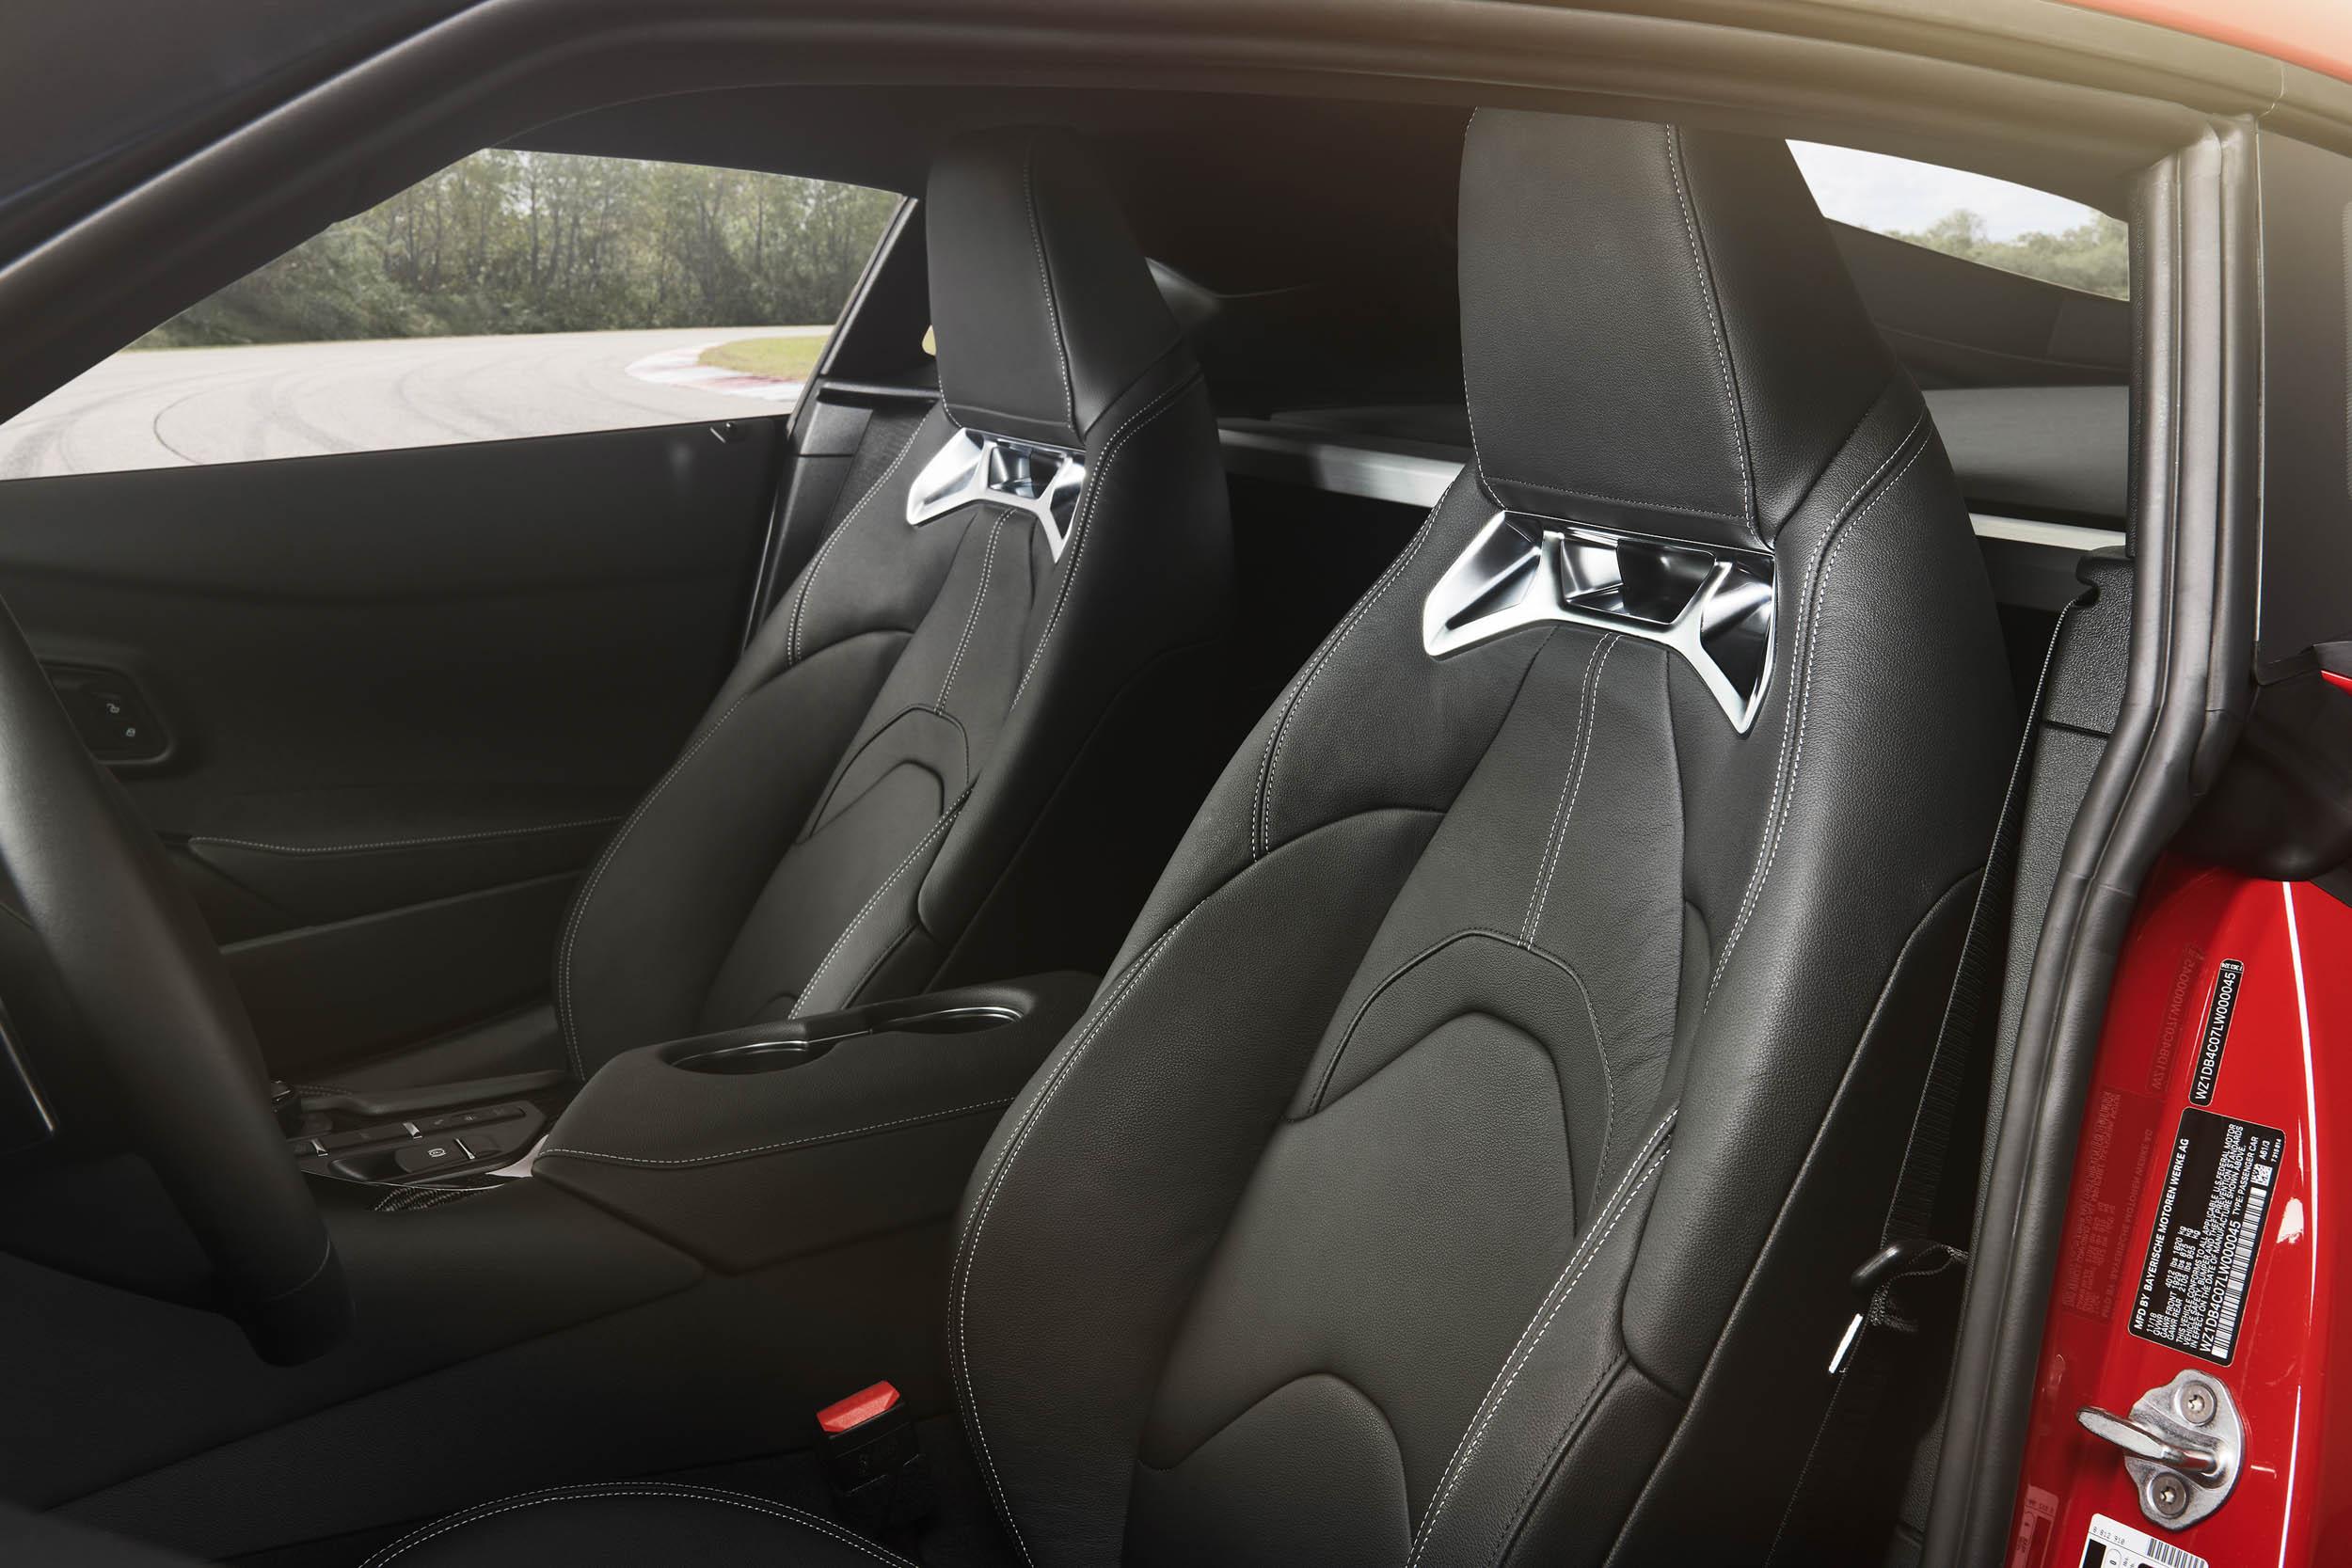 2020 Toyota Supra seat detail